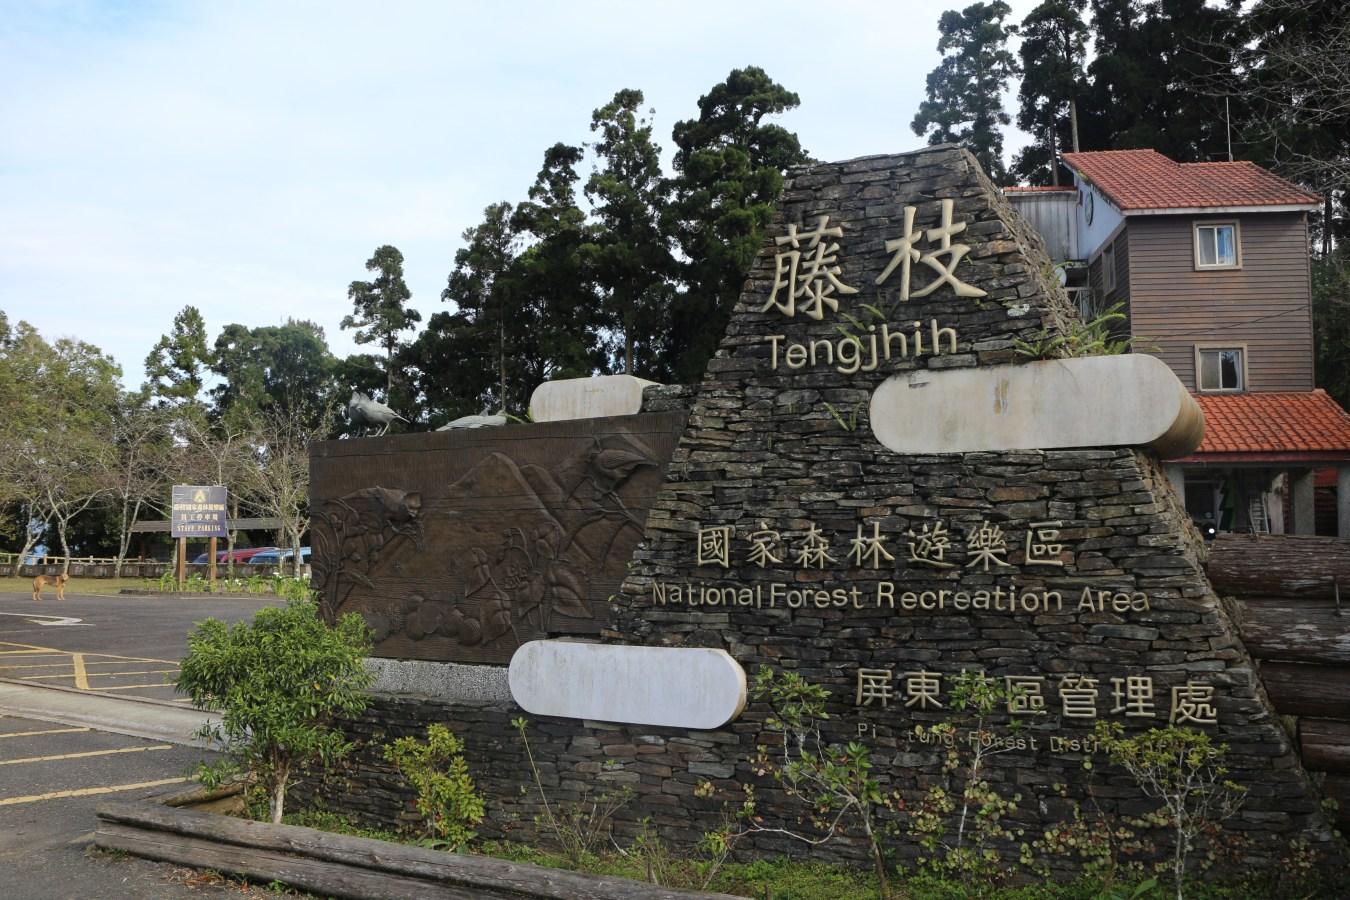 ▲ 藤枝國家森林遊樂區 (圖片來源/茂林國家風景區官網)